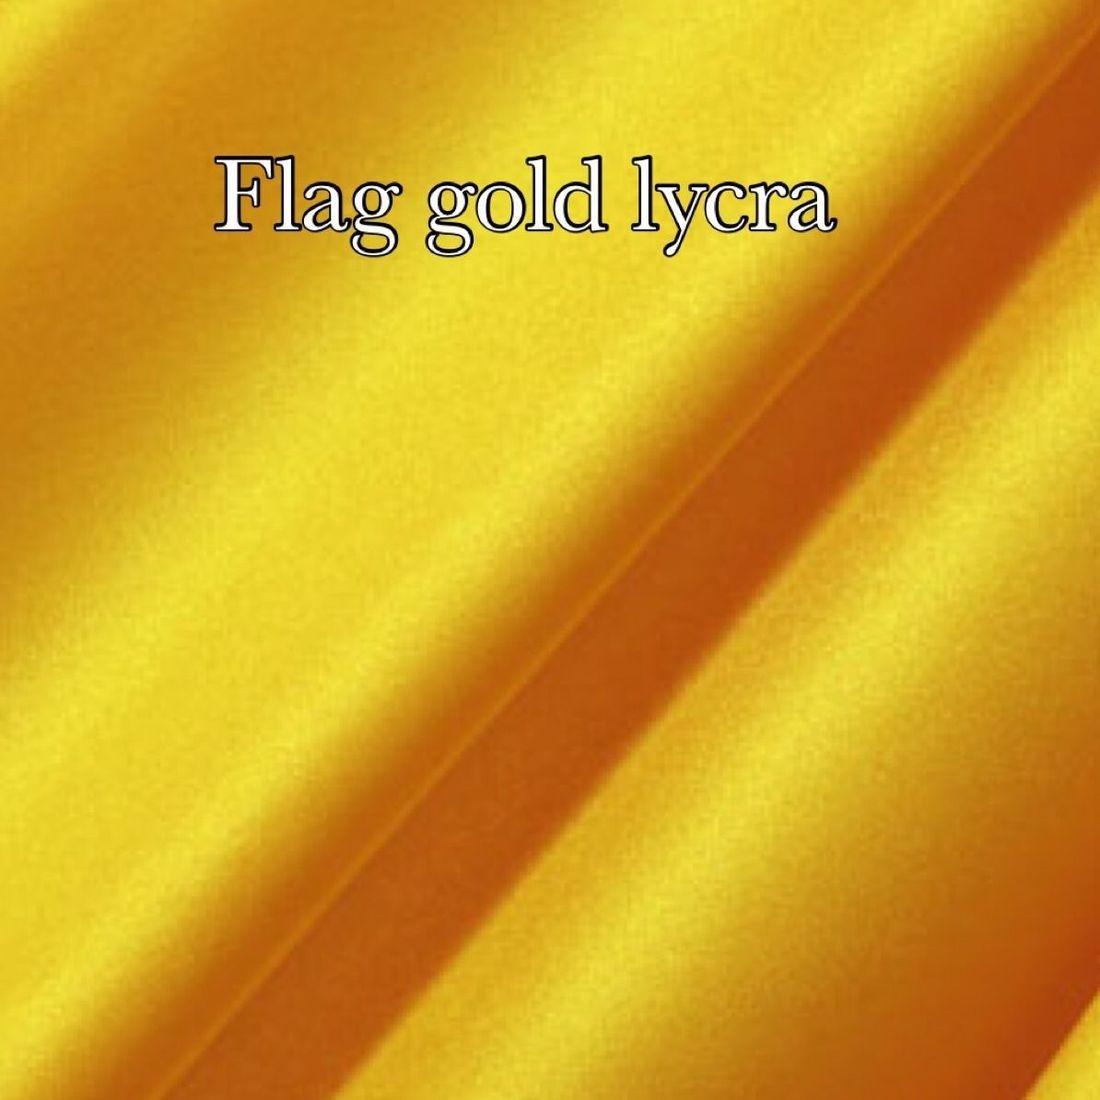 Flag gold lycra